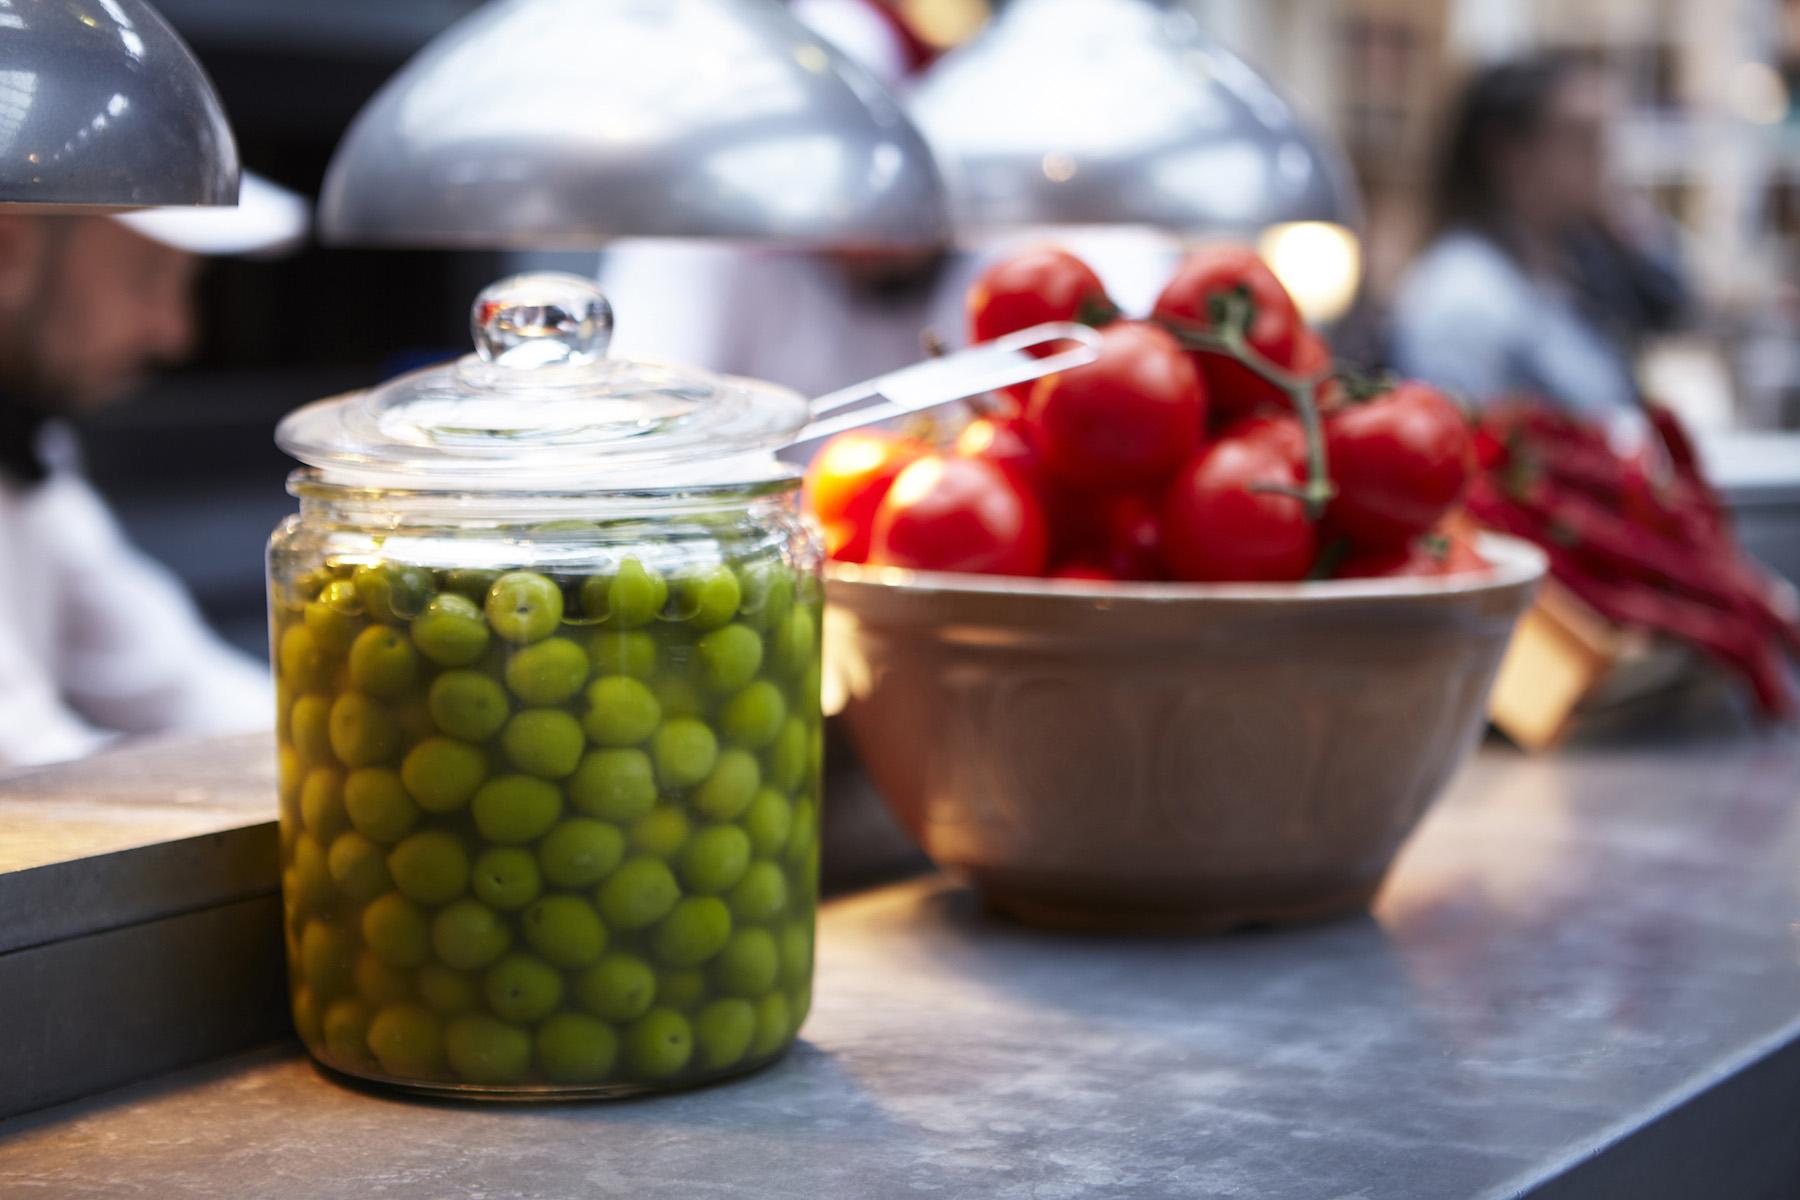 52-icon-artist-management-katie-hammond-food-olives.jpg